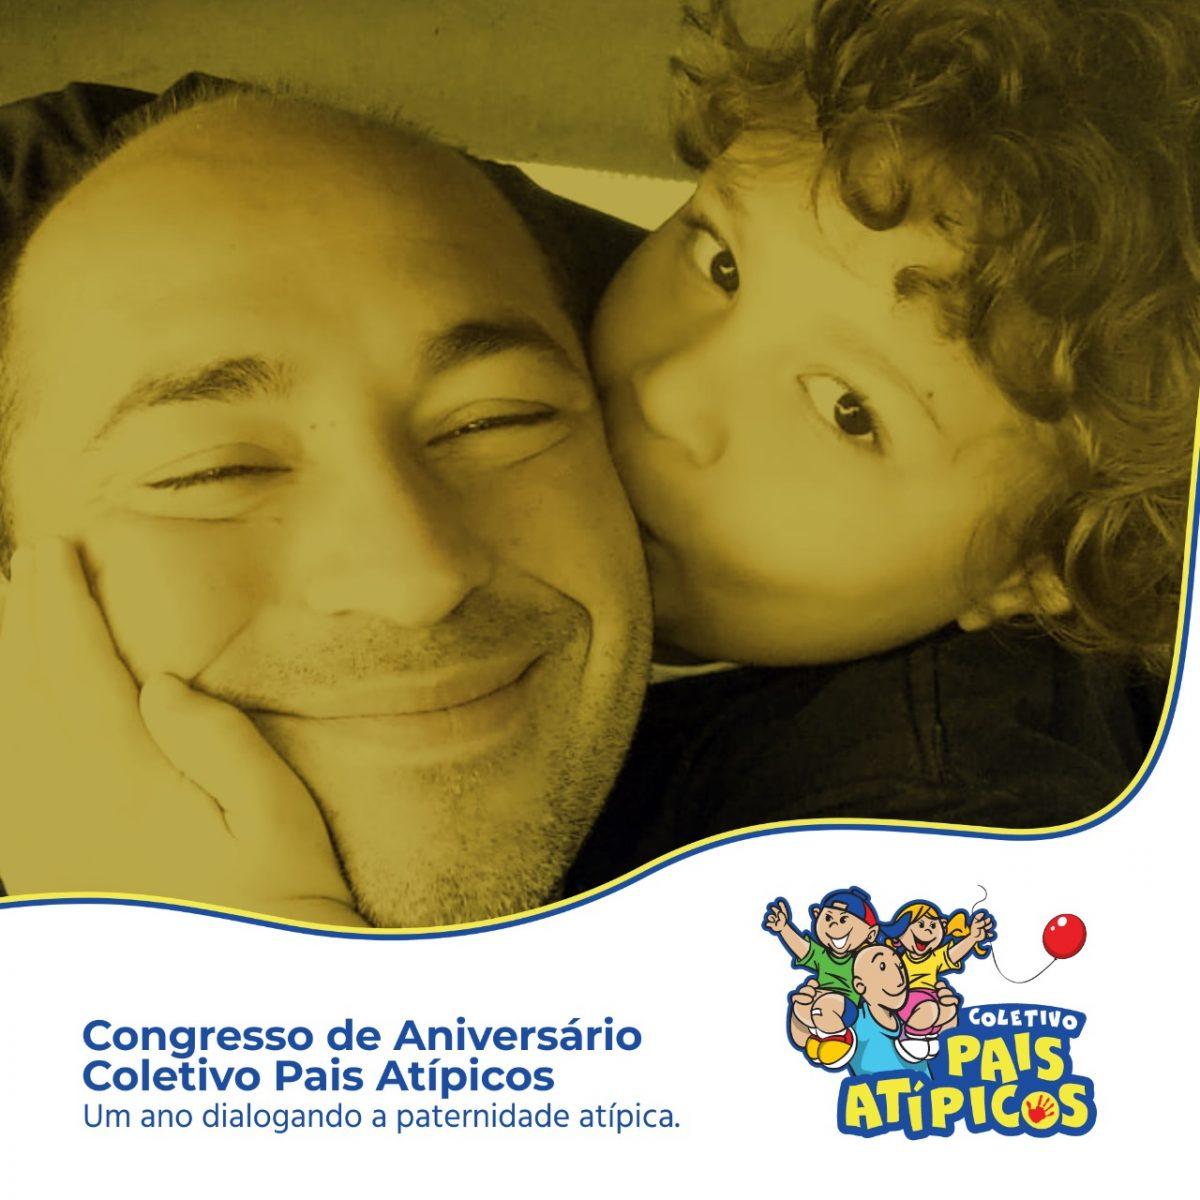 WhatsApp Image 2021 07 29 at 13.32.03 2 scaled - PATERNIDADE + INCLUSÃO X DIÁLOGOS = COLETIVO PAIS ATÍPICOS